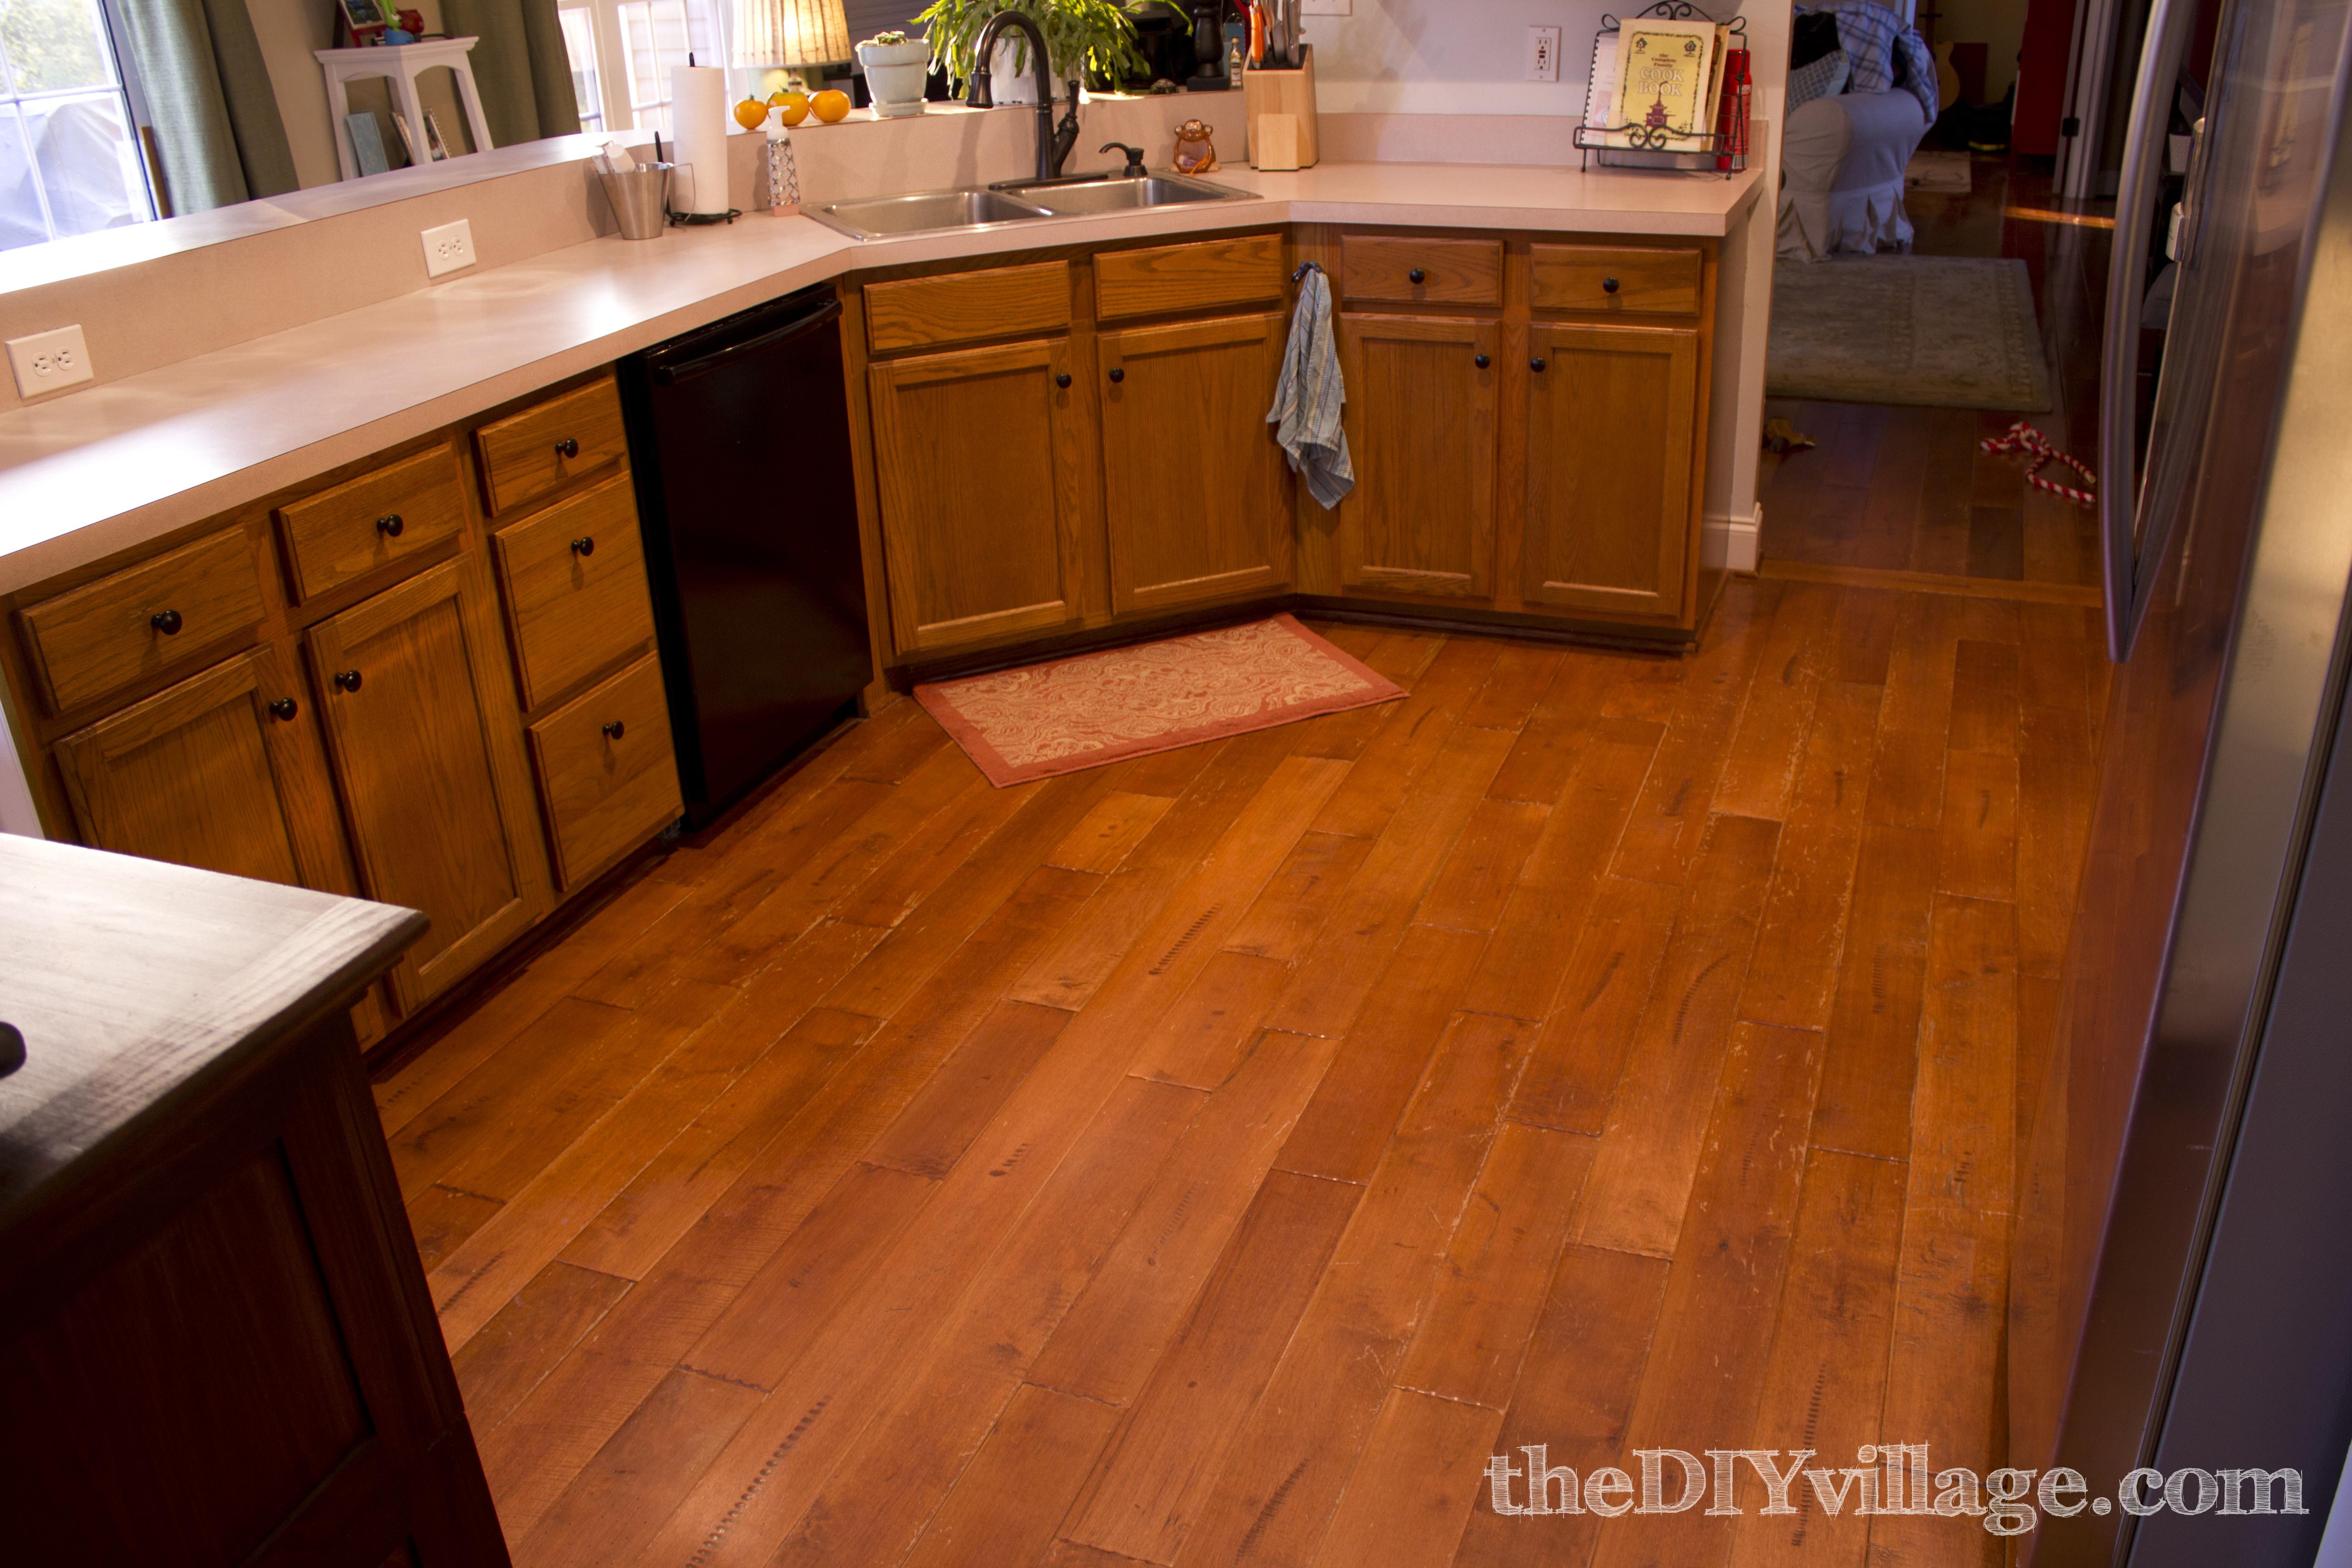 New Kitchen Rug the DIY village